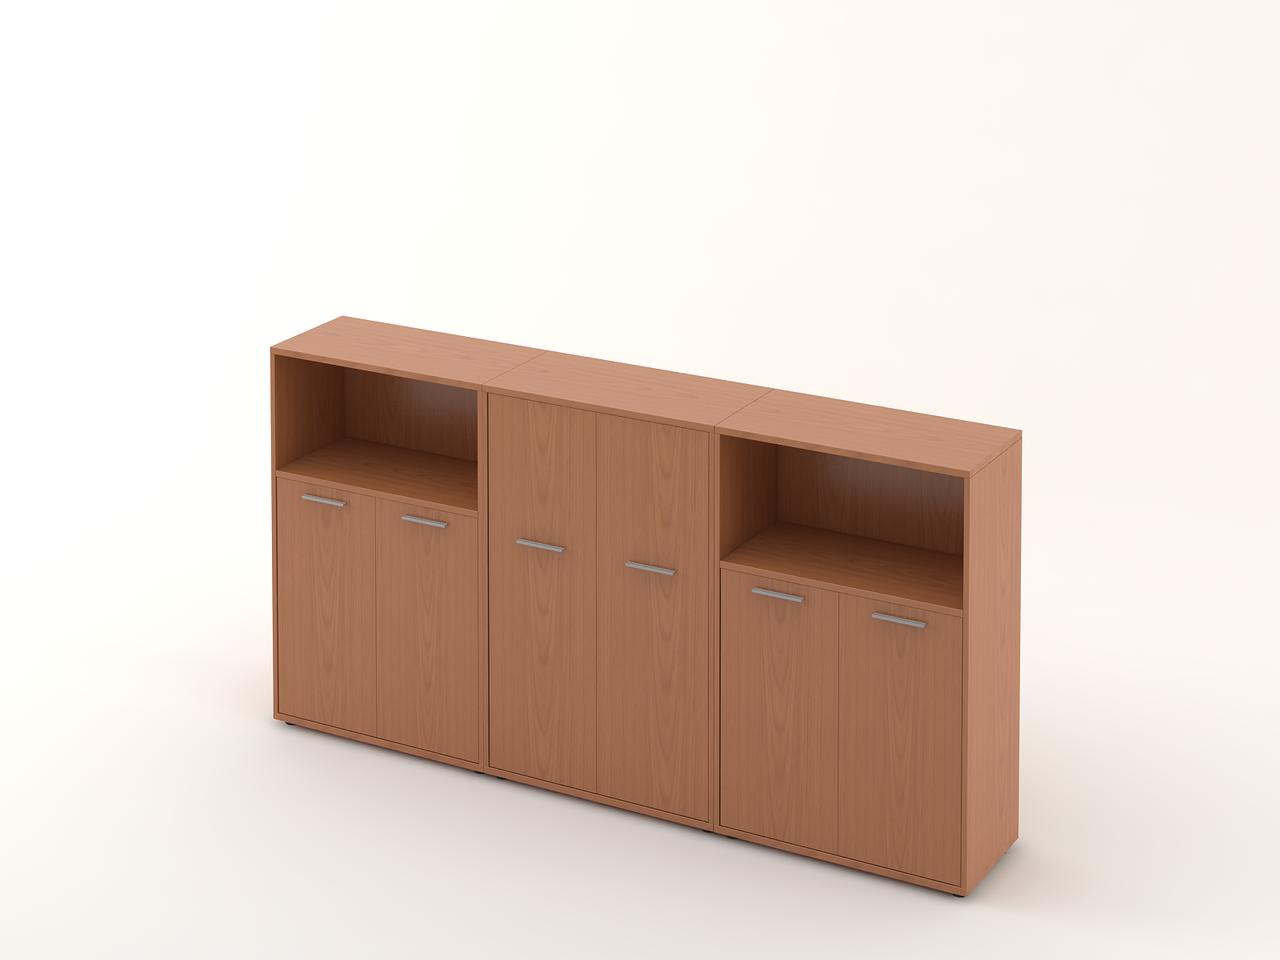 Комплект мебели для персонала серии Техно плюс композиция №14 ТМ MConcept